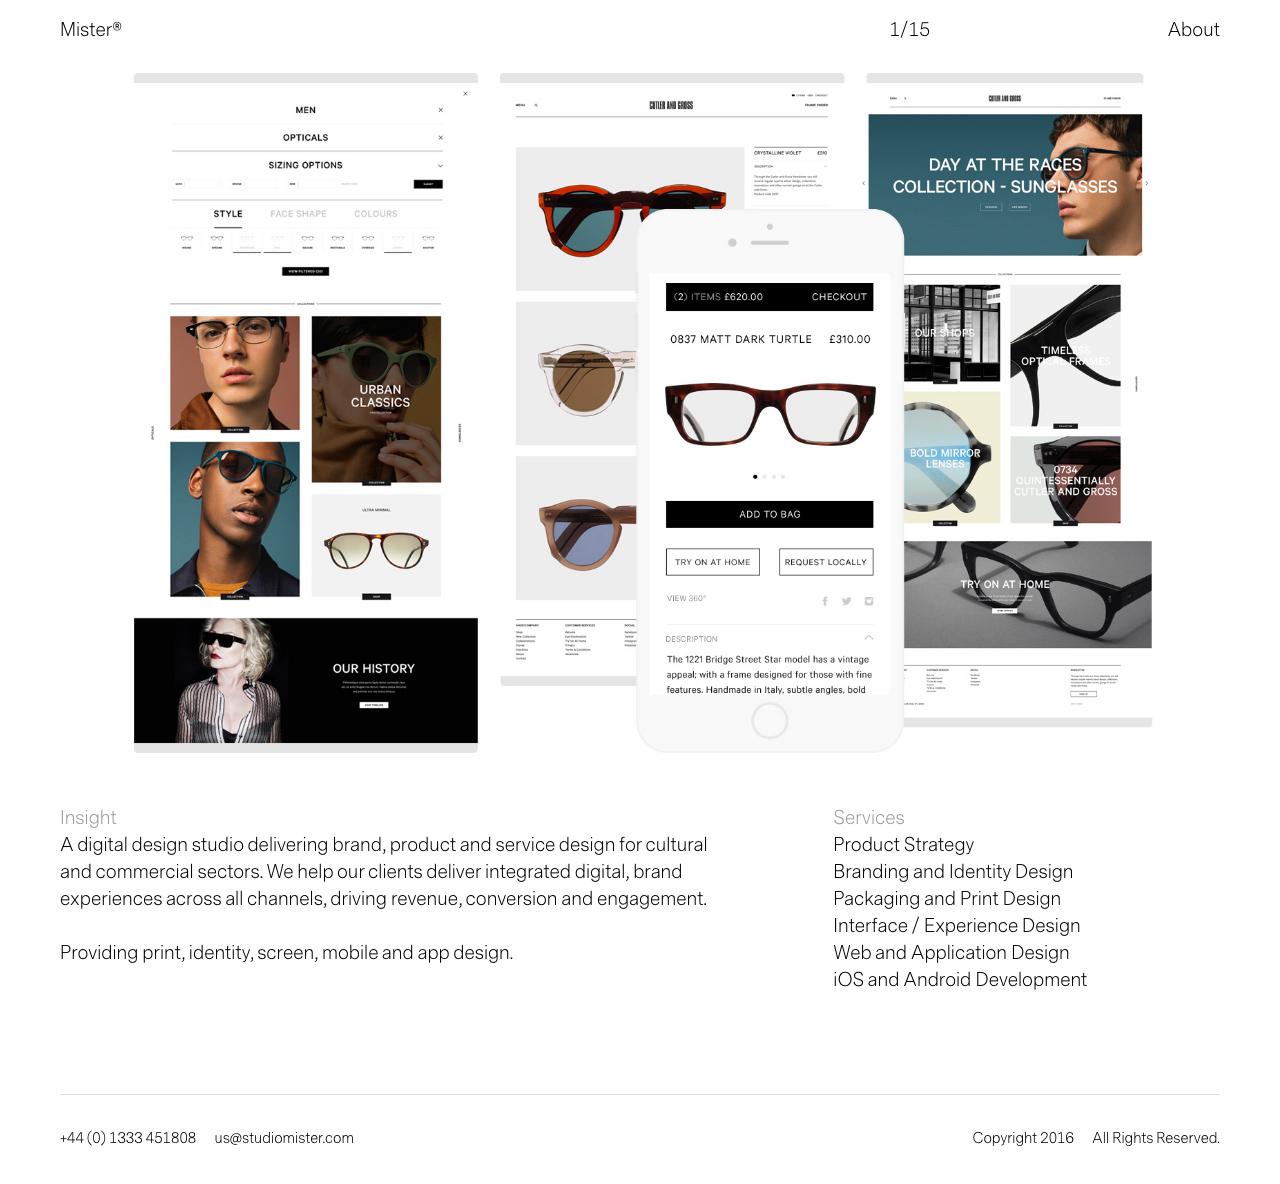 Mister Website Screenshot